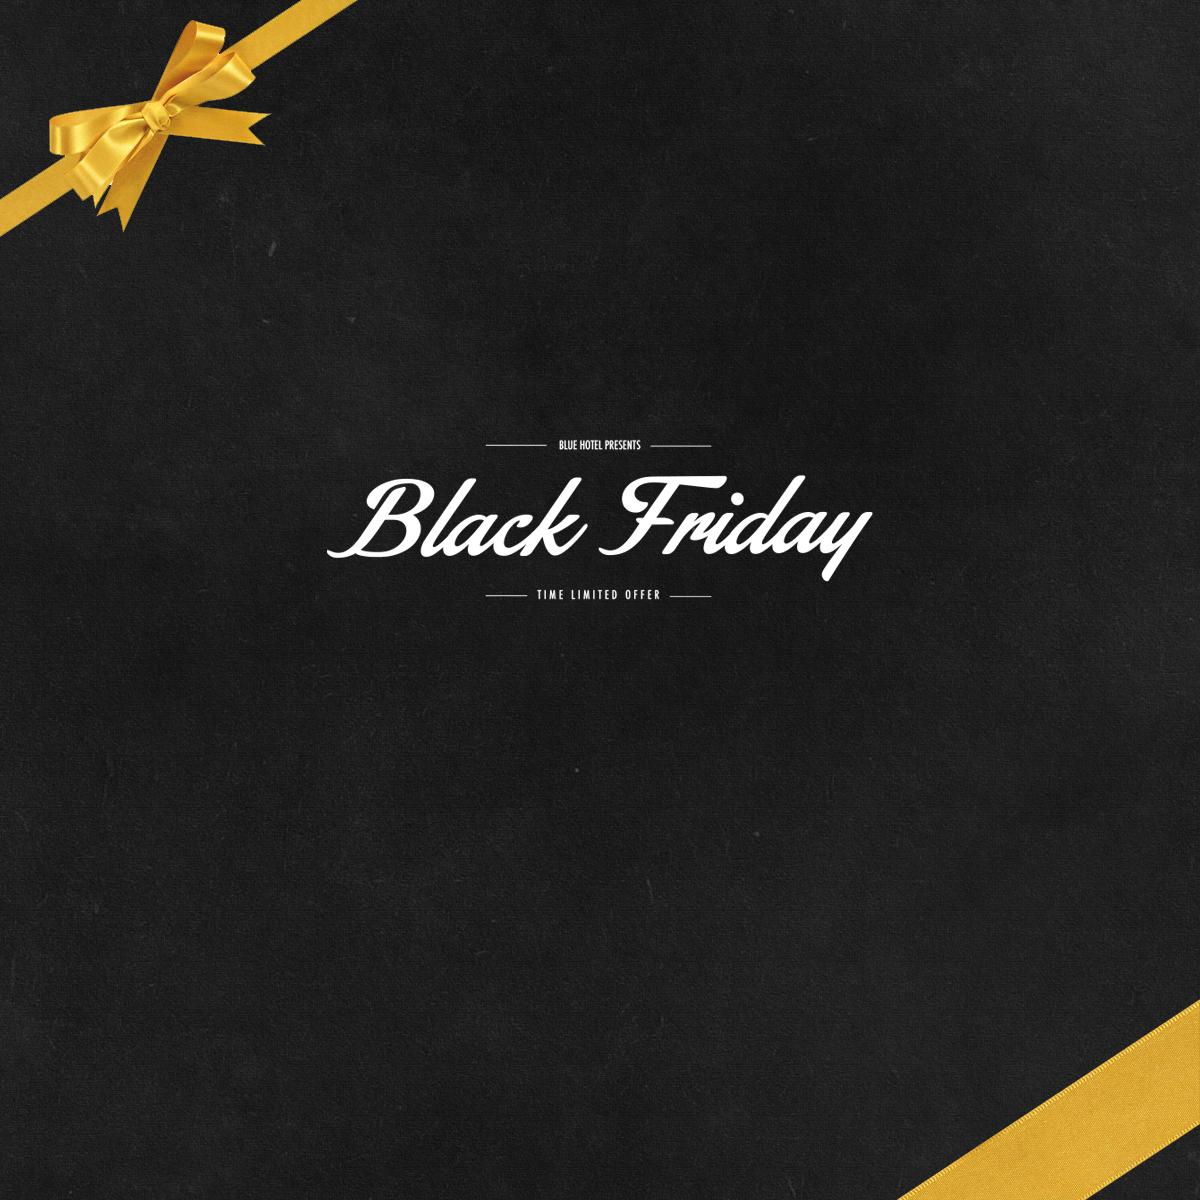 fb-blue-blackfriday2